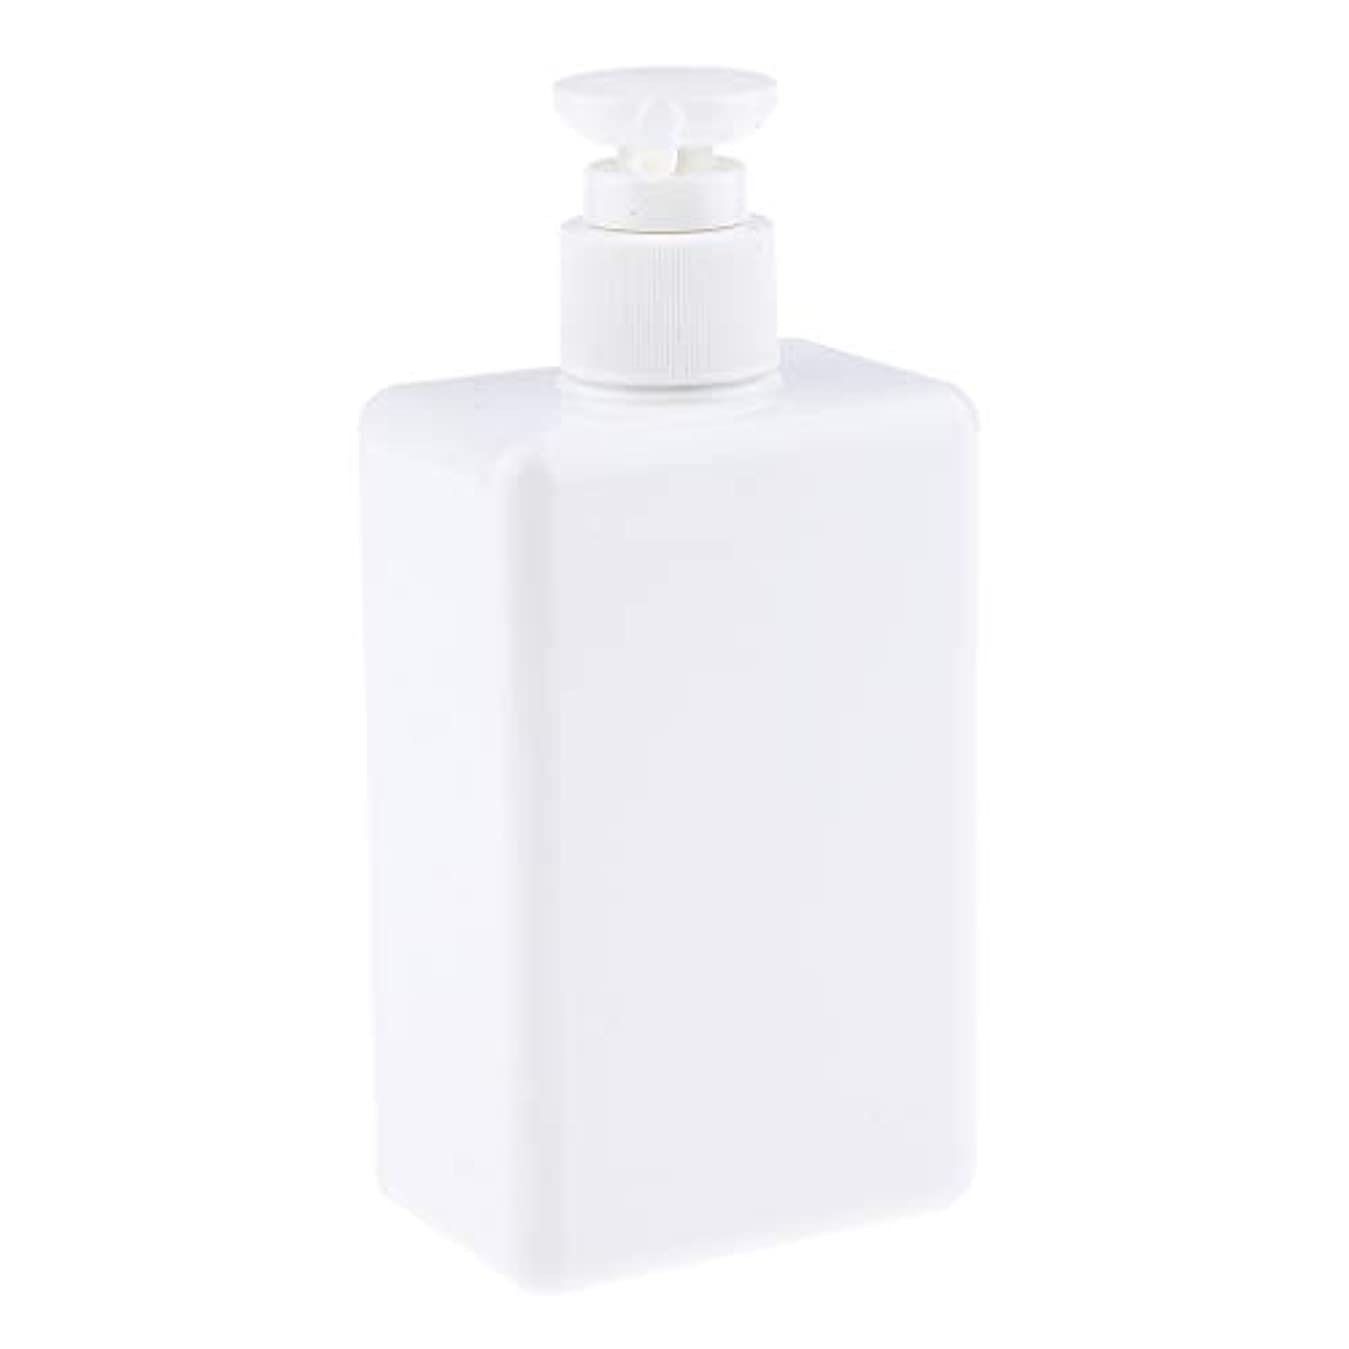 メインマンハッタン細心の280ml ポンプボトル 空ボトル 詰め替え容器 プラスチックボトル シャンプー 漏れ防止 全4色 - 白